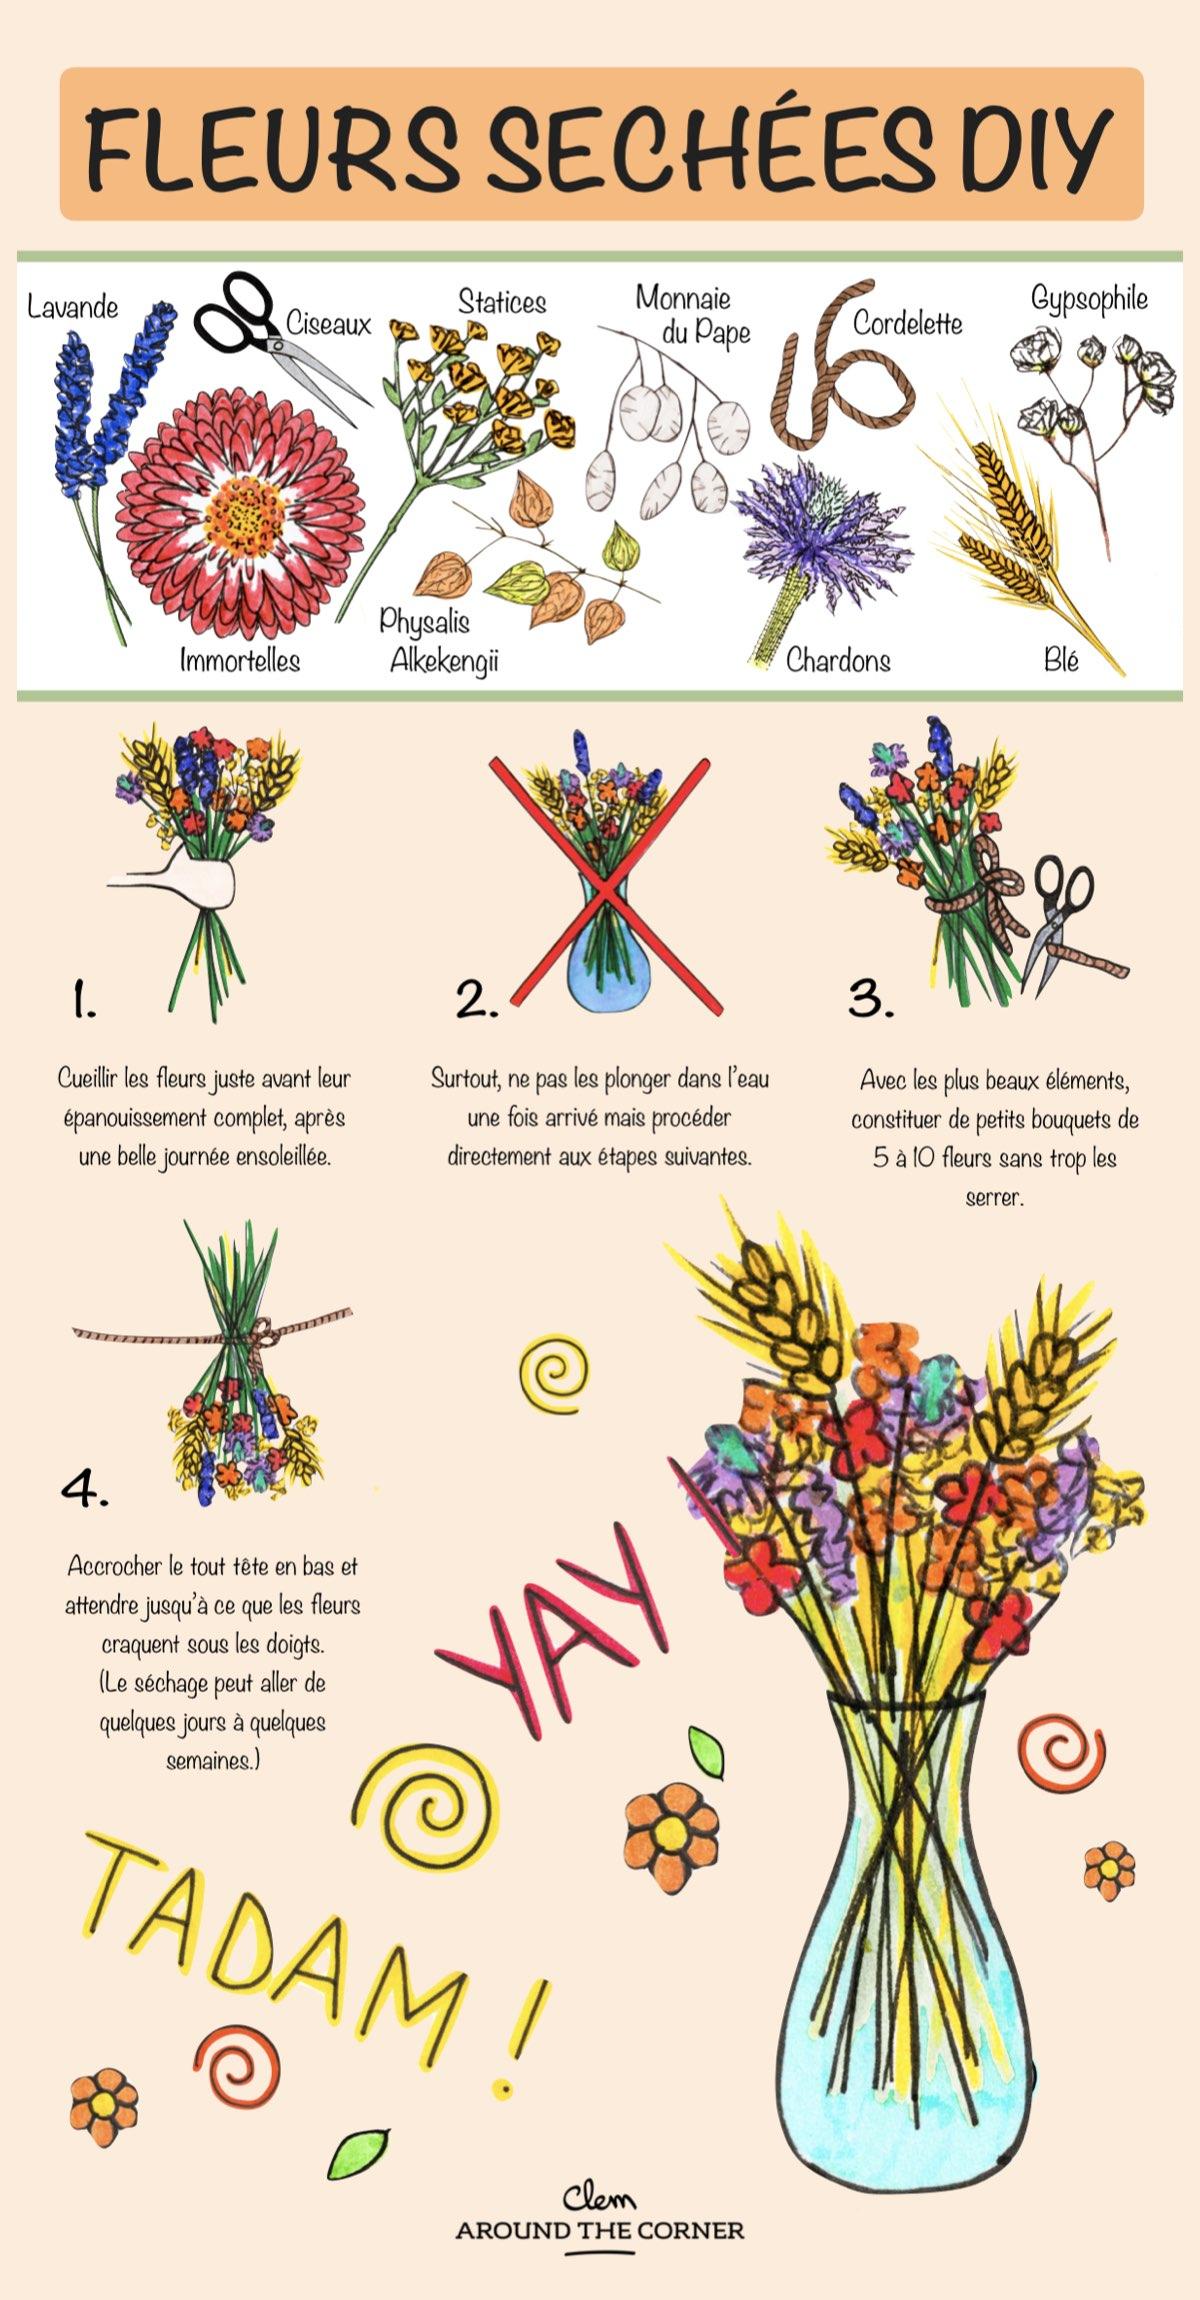 fleurs séchées diy infographie bouquet - blog déco - clem around the corner